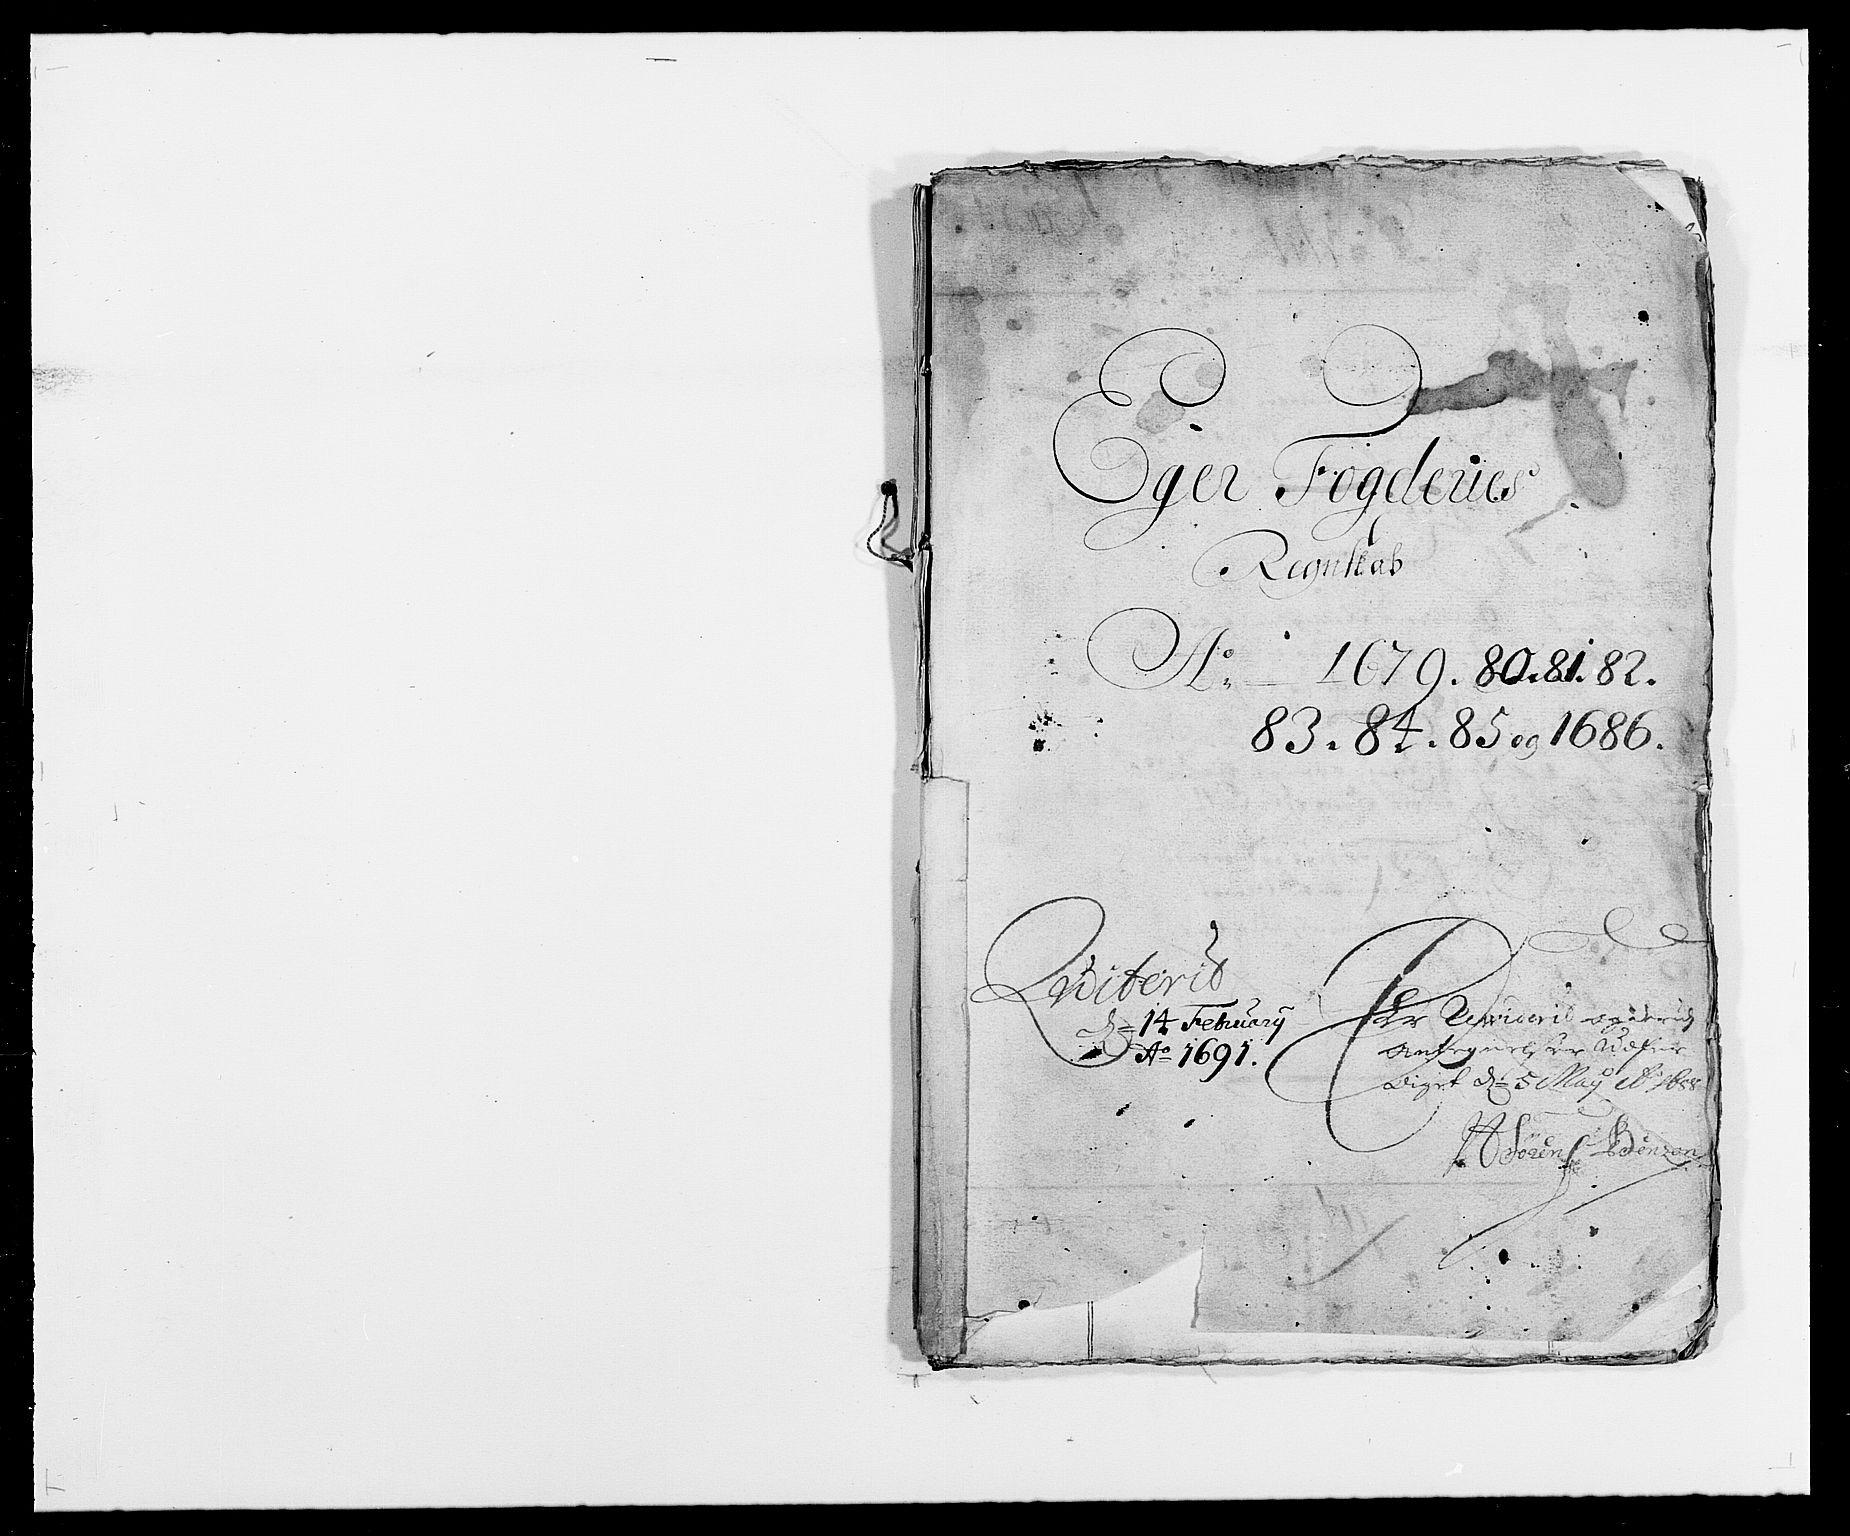 RA, Rentekammeret inntil 1814, Reviderte regnskaper, Fogderegnskap, R26/L1684: Fogderegnskap Eiker, 1679-1686, s. 1